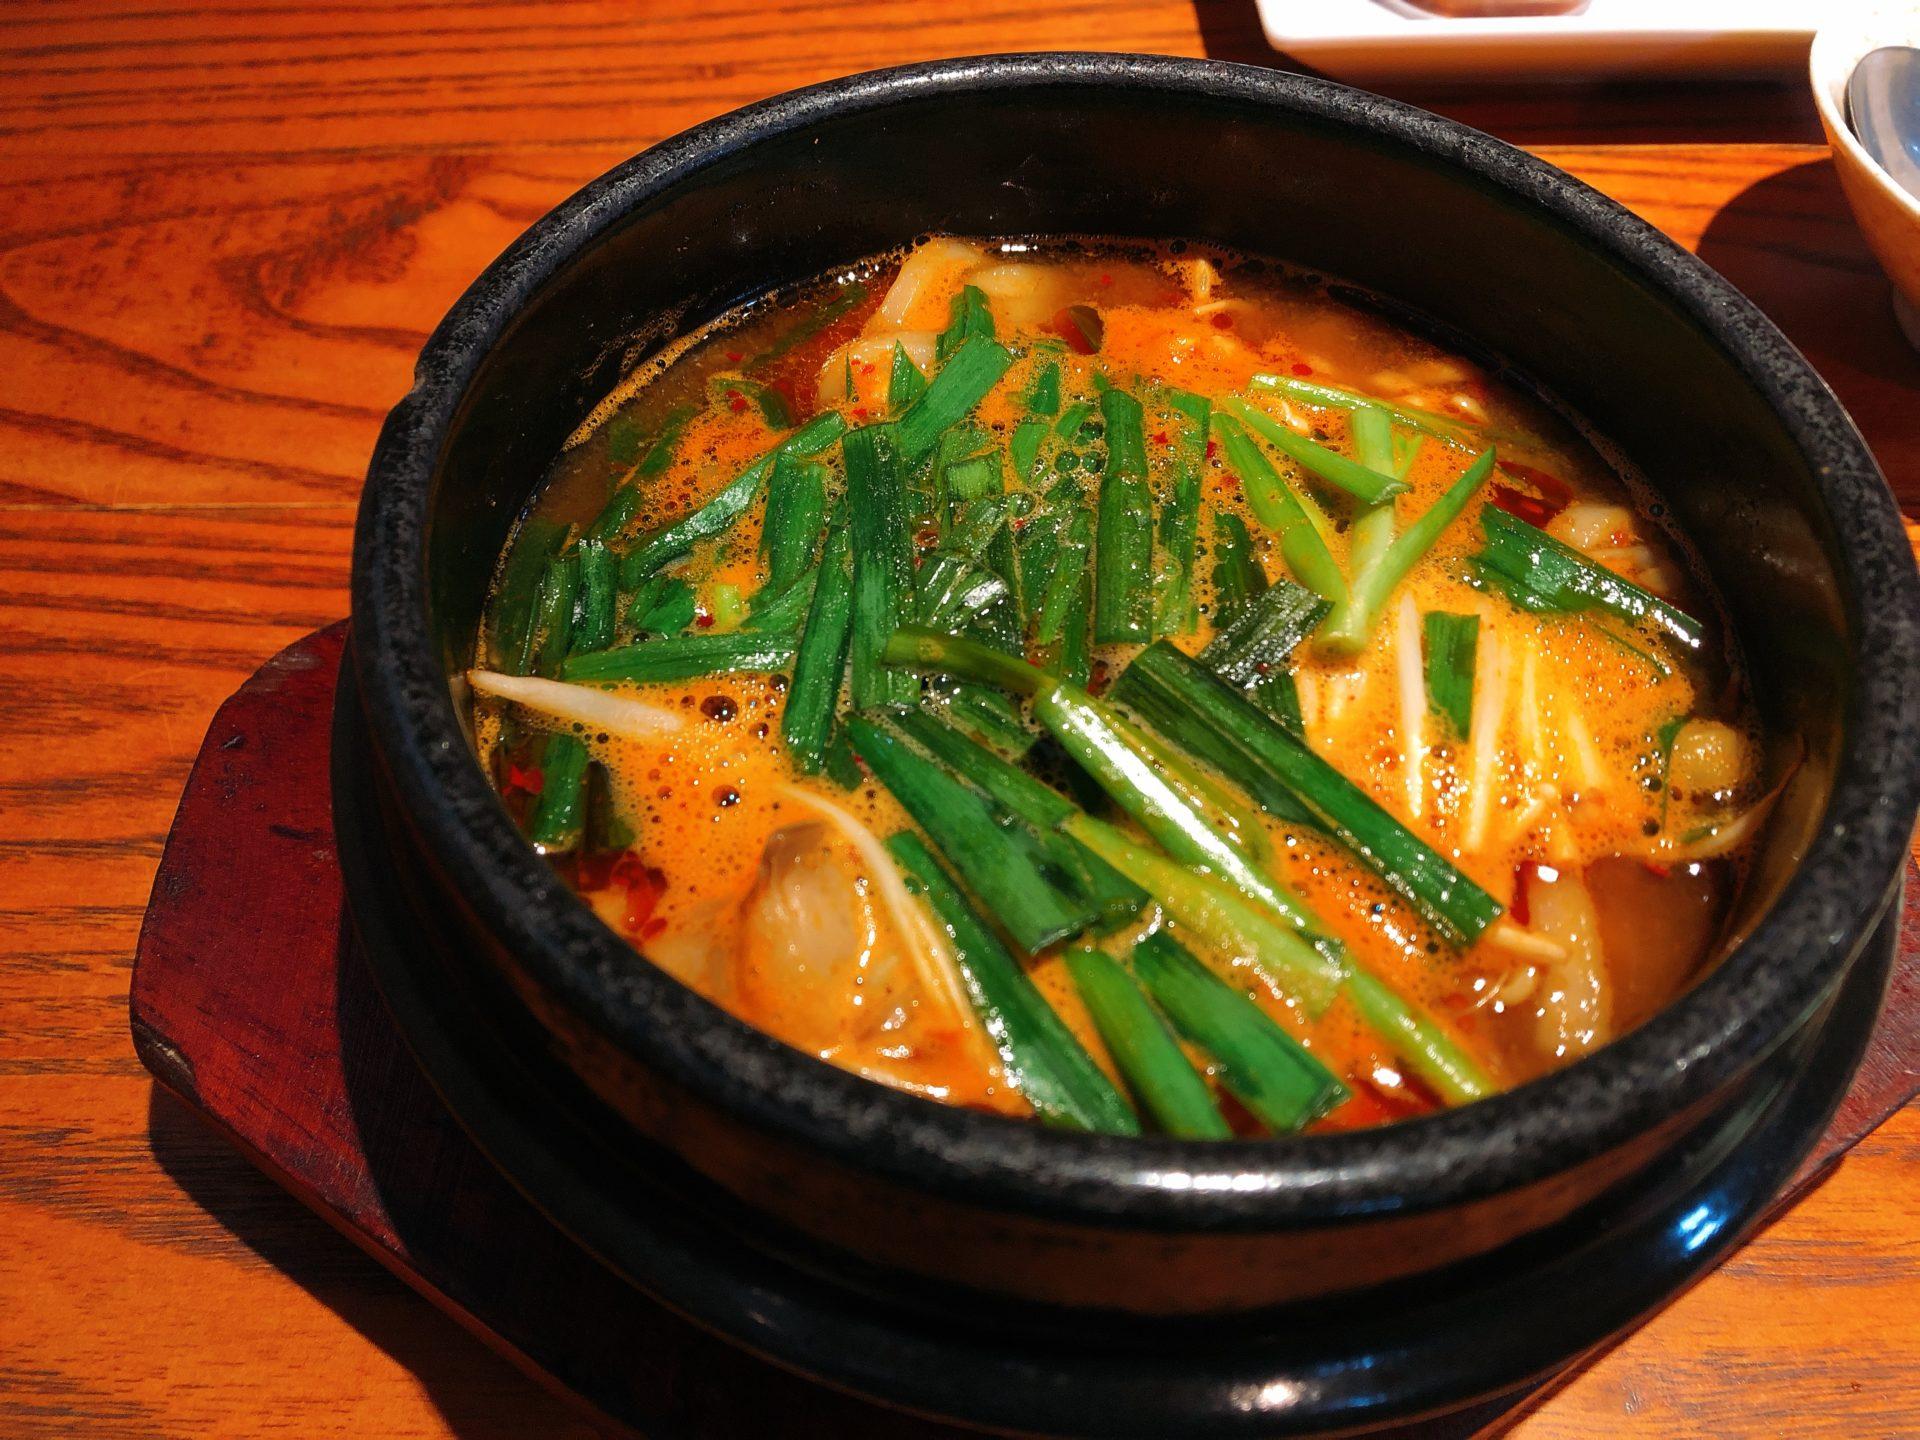 倉敷市笹沖の韓国料理の店 凛 倉敷本店 4種類のランチはどれもコスパ抜群で、マシッソヨー!